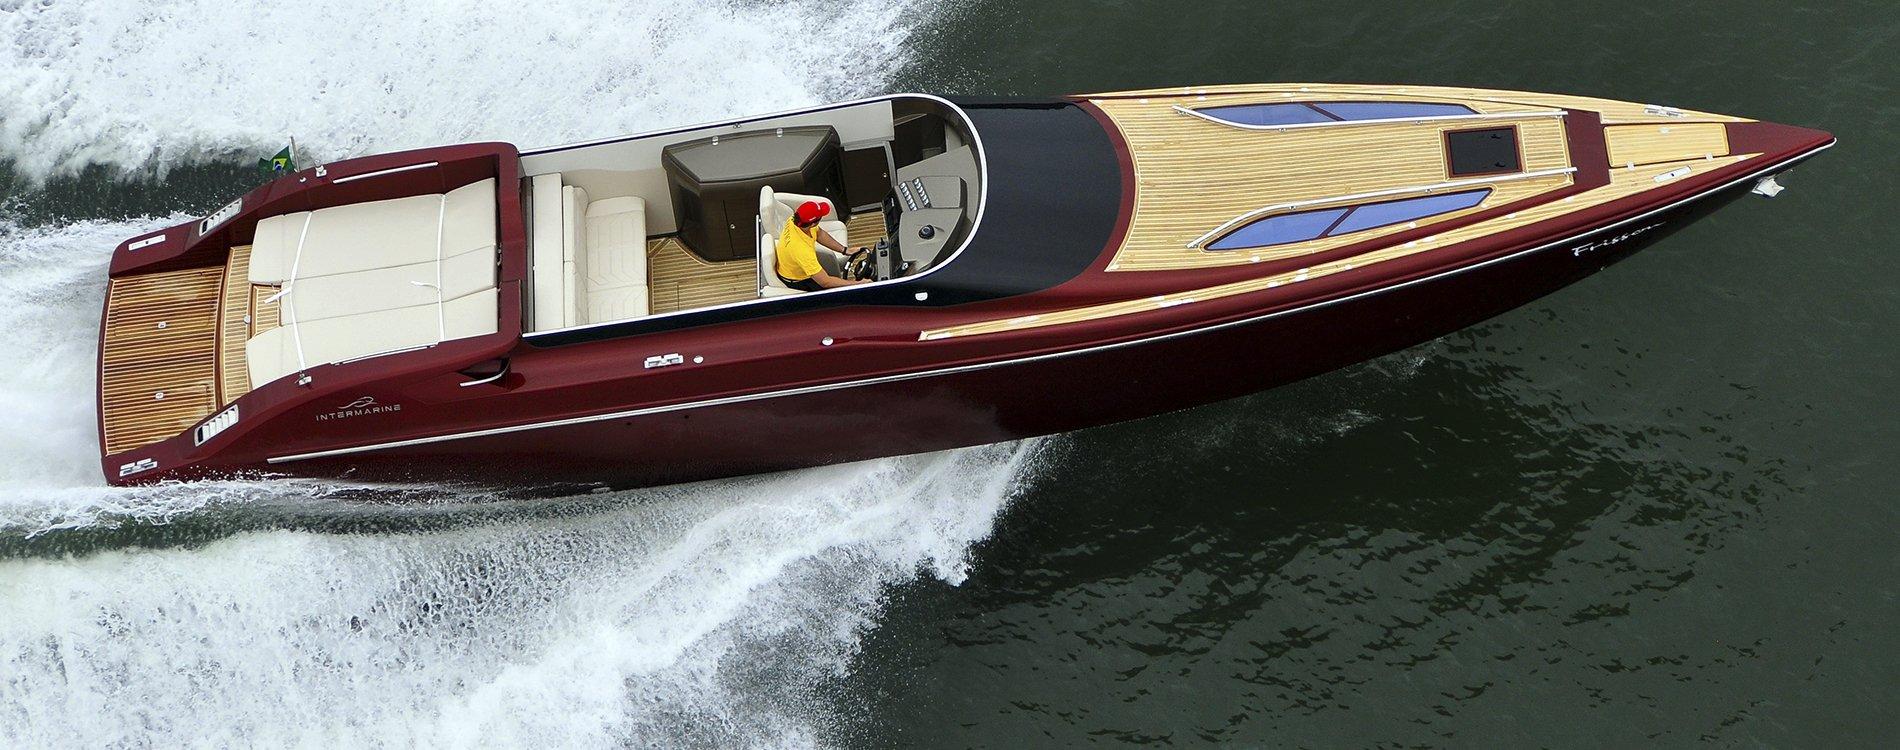 Intermarine 48 Offshore, velocidad y elegancia sobre el mar